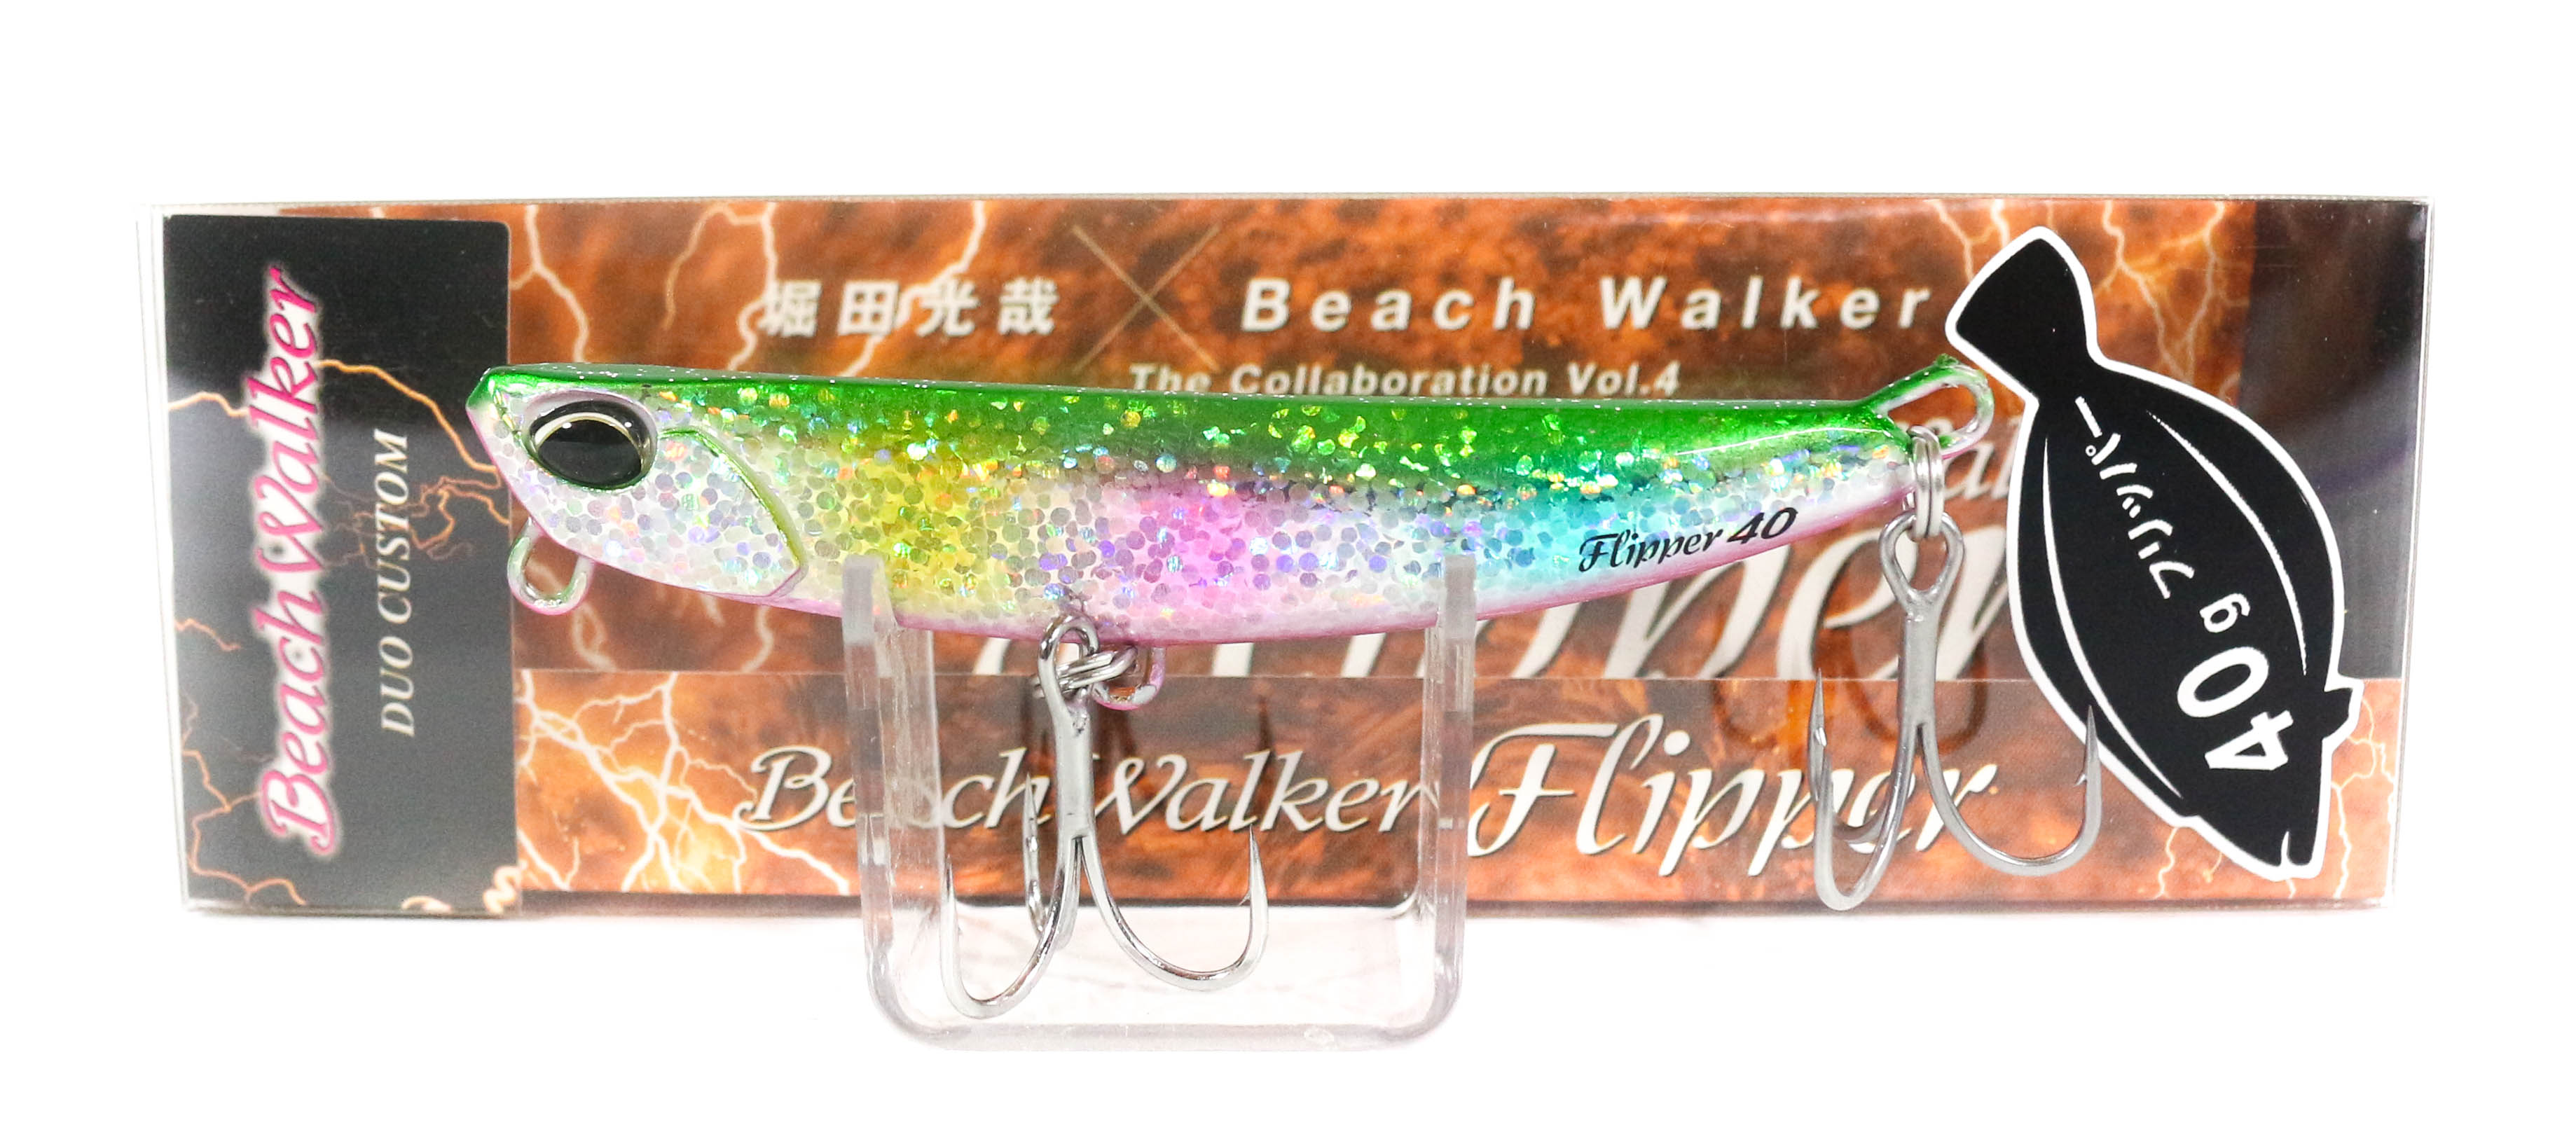 Sale Duo Beach Walker Flipper 40 grams Sinking Lure GOA0268 (3977)